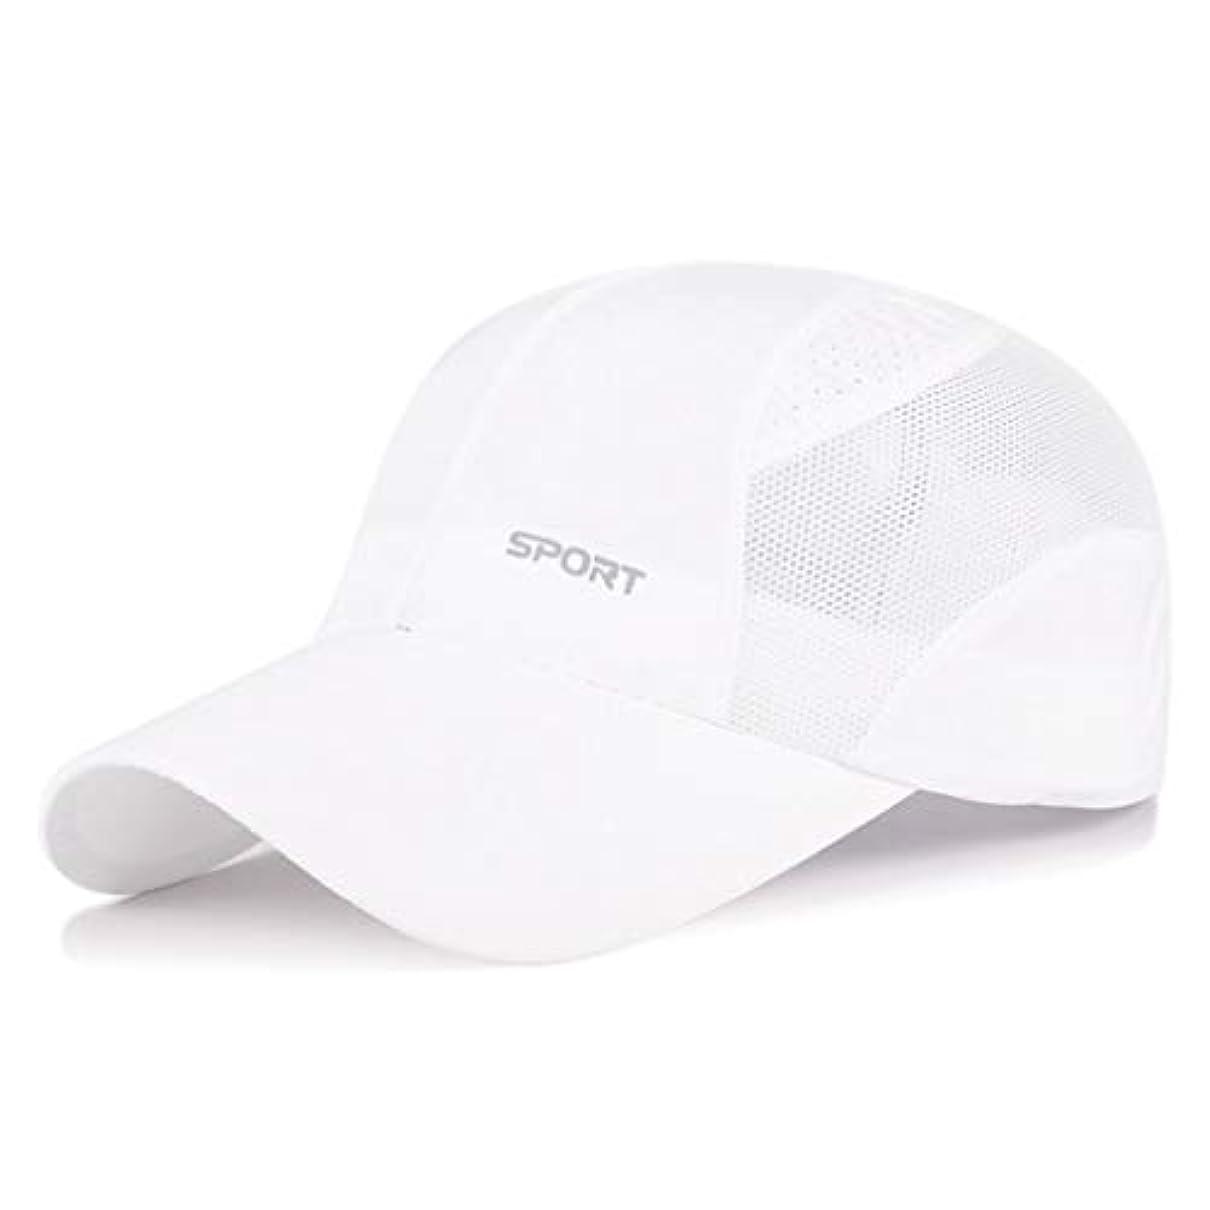 富ドキドキユーモア日よけ帽 日曜日帽子夏の男性と女性のアウトドアレジャースポーツ野球帽速乾性通気性メッシュキャップ日焼け止めバイザーキャップ54-59cm UPF 40+ ZHAOSHUNLI (Color : White)